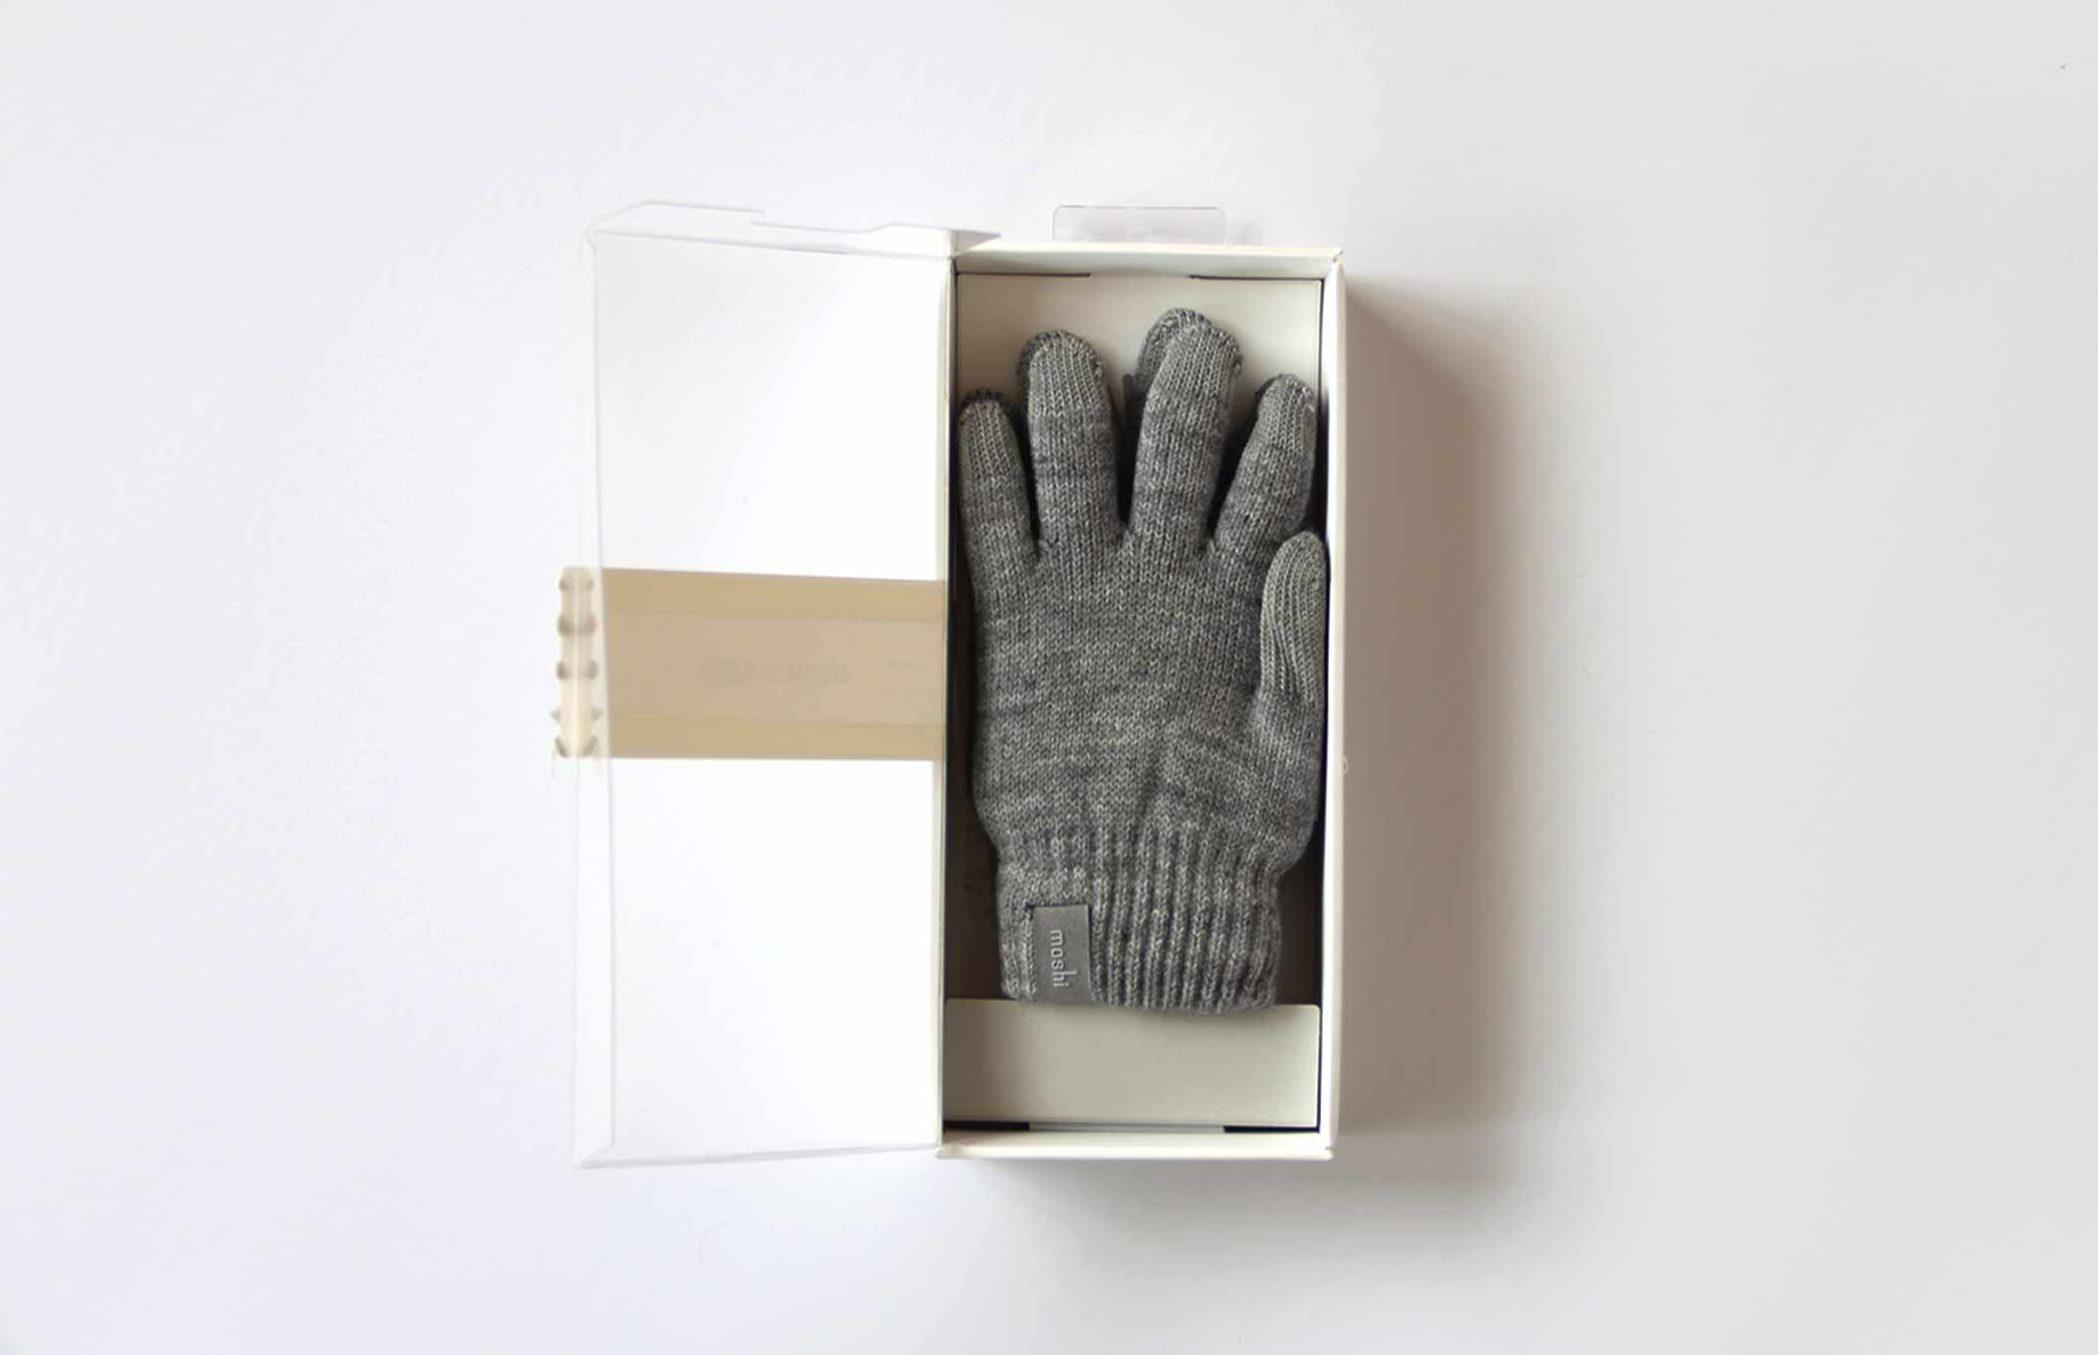 スマホ 手袋 パッケージ 開封写真